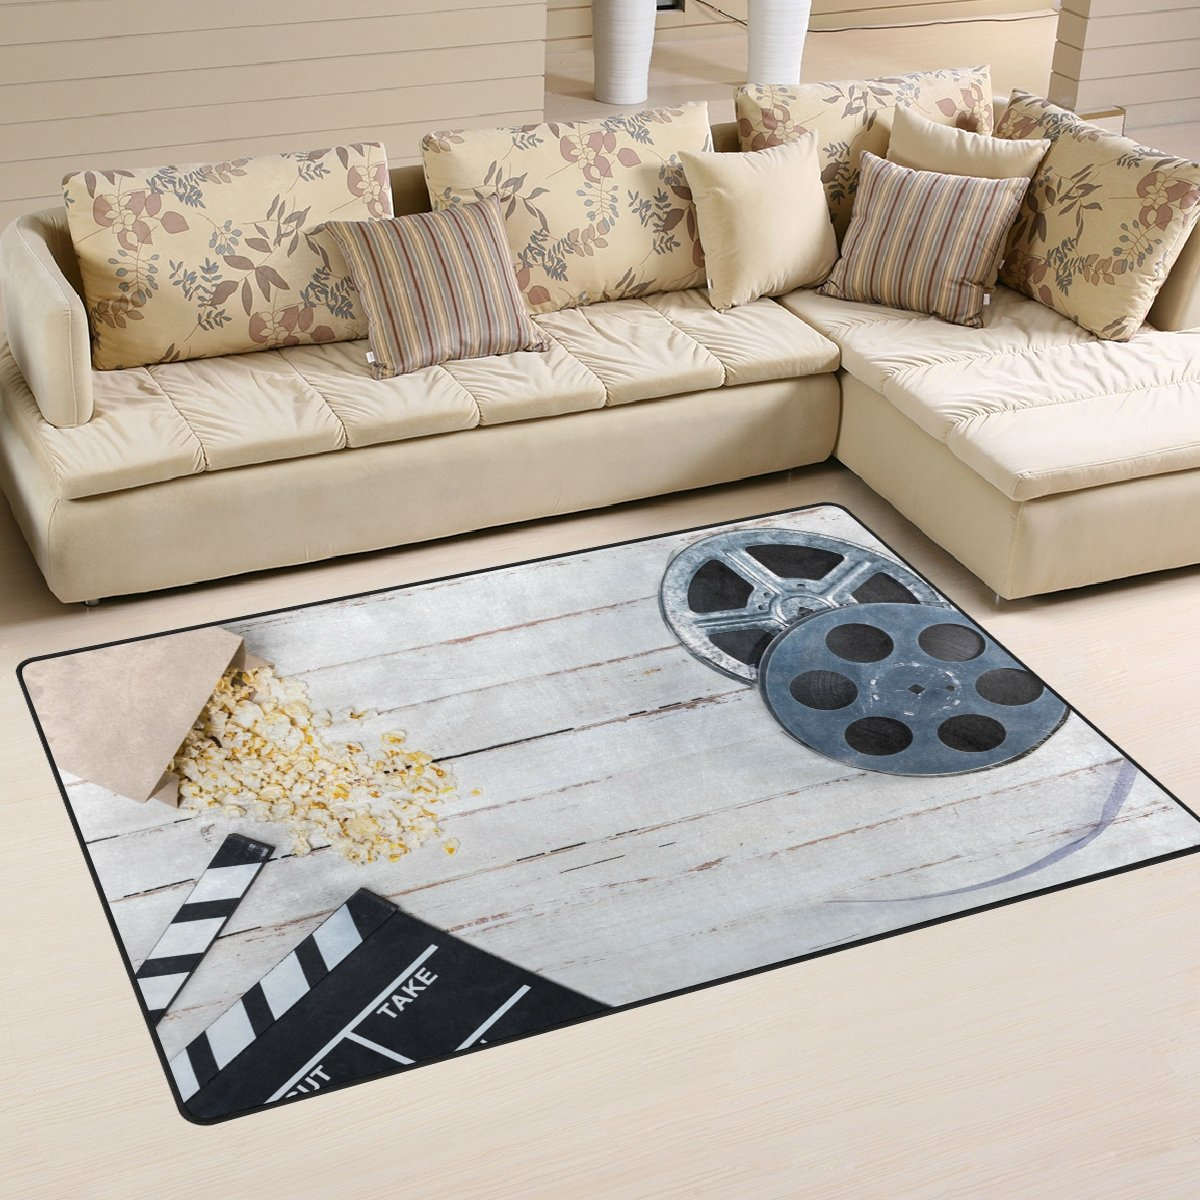 WOZO Film Reel Movie Clapper Wheel Wooden Area Rug Rugs Non-Slip Floor Mat Doormats Living Room Bedroom 31 x 20 inches